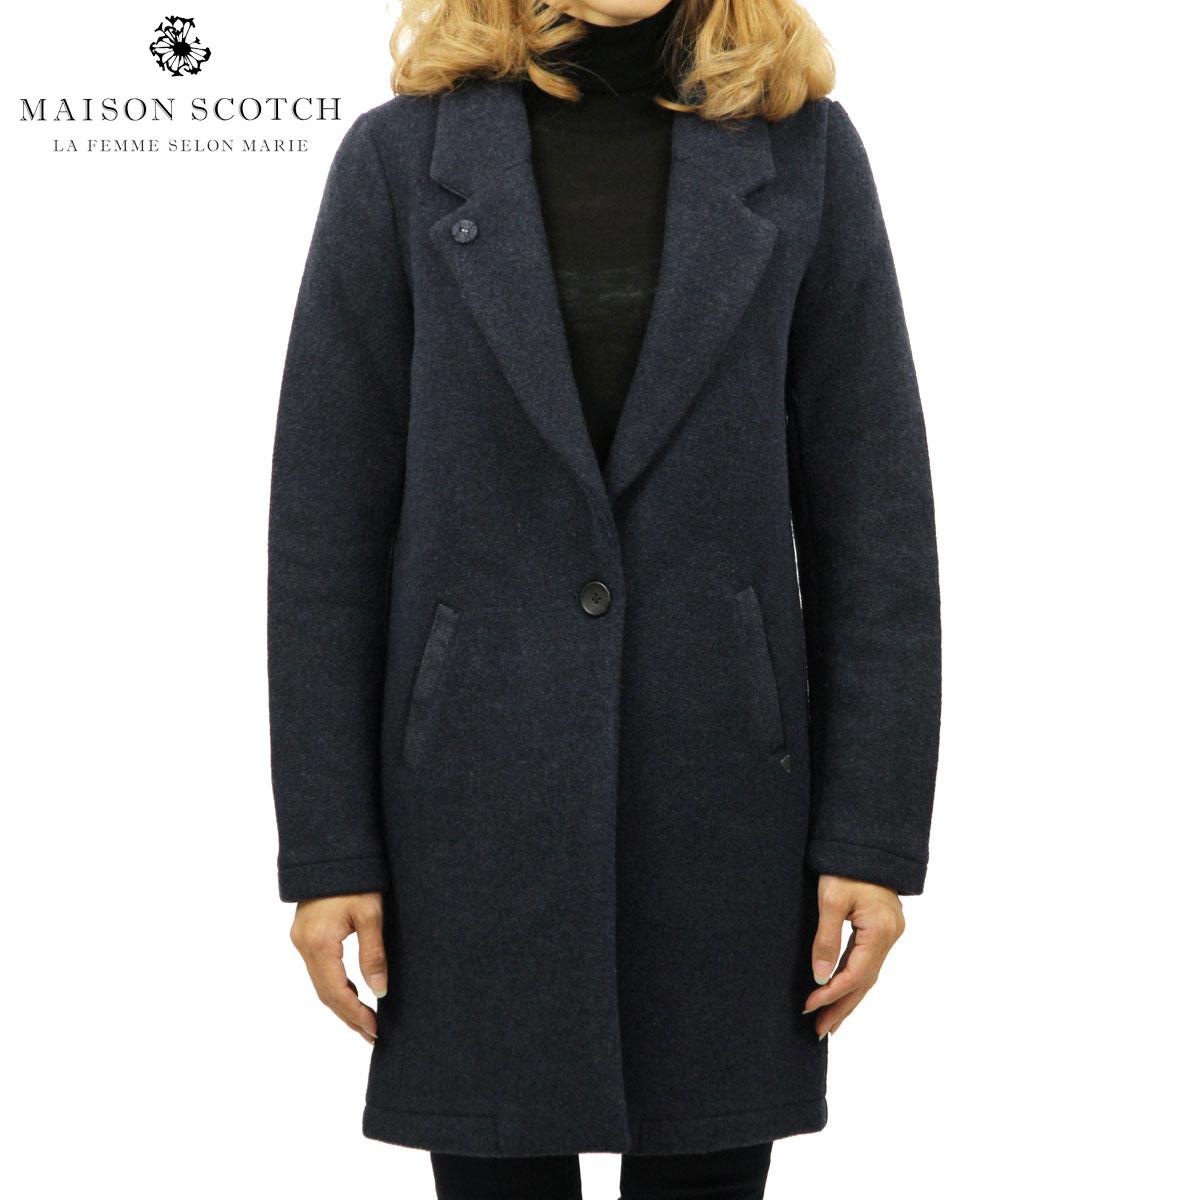 メゾンスコッチ MAISON SCOTCH 正規販売店 レディース コート BONDED WOOL COAT 138354 0788 41100 DENIM B